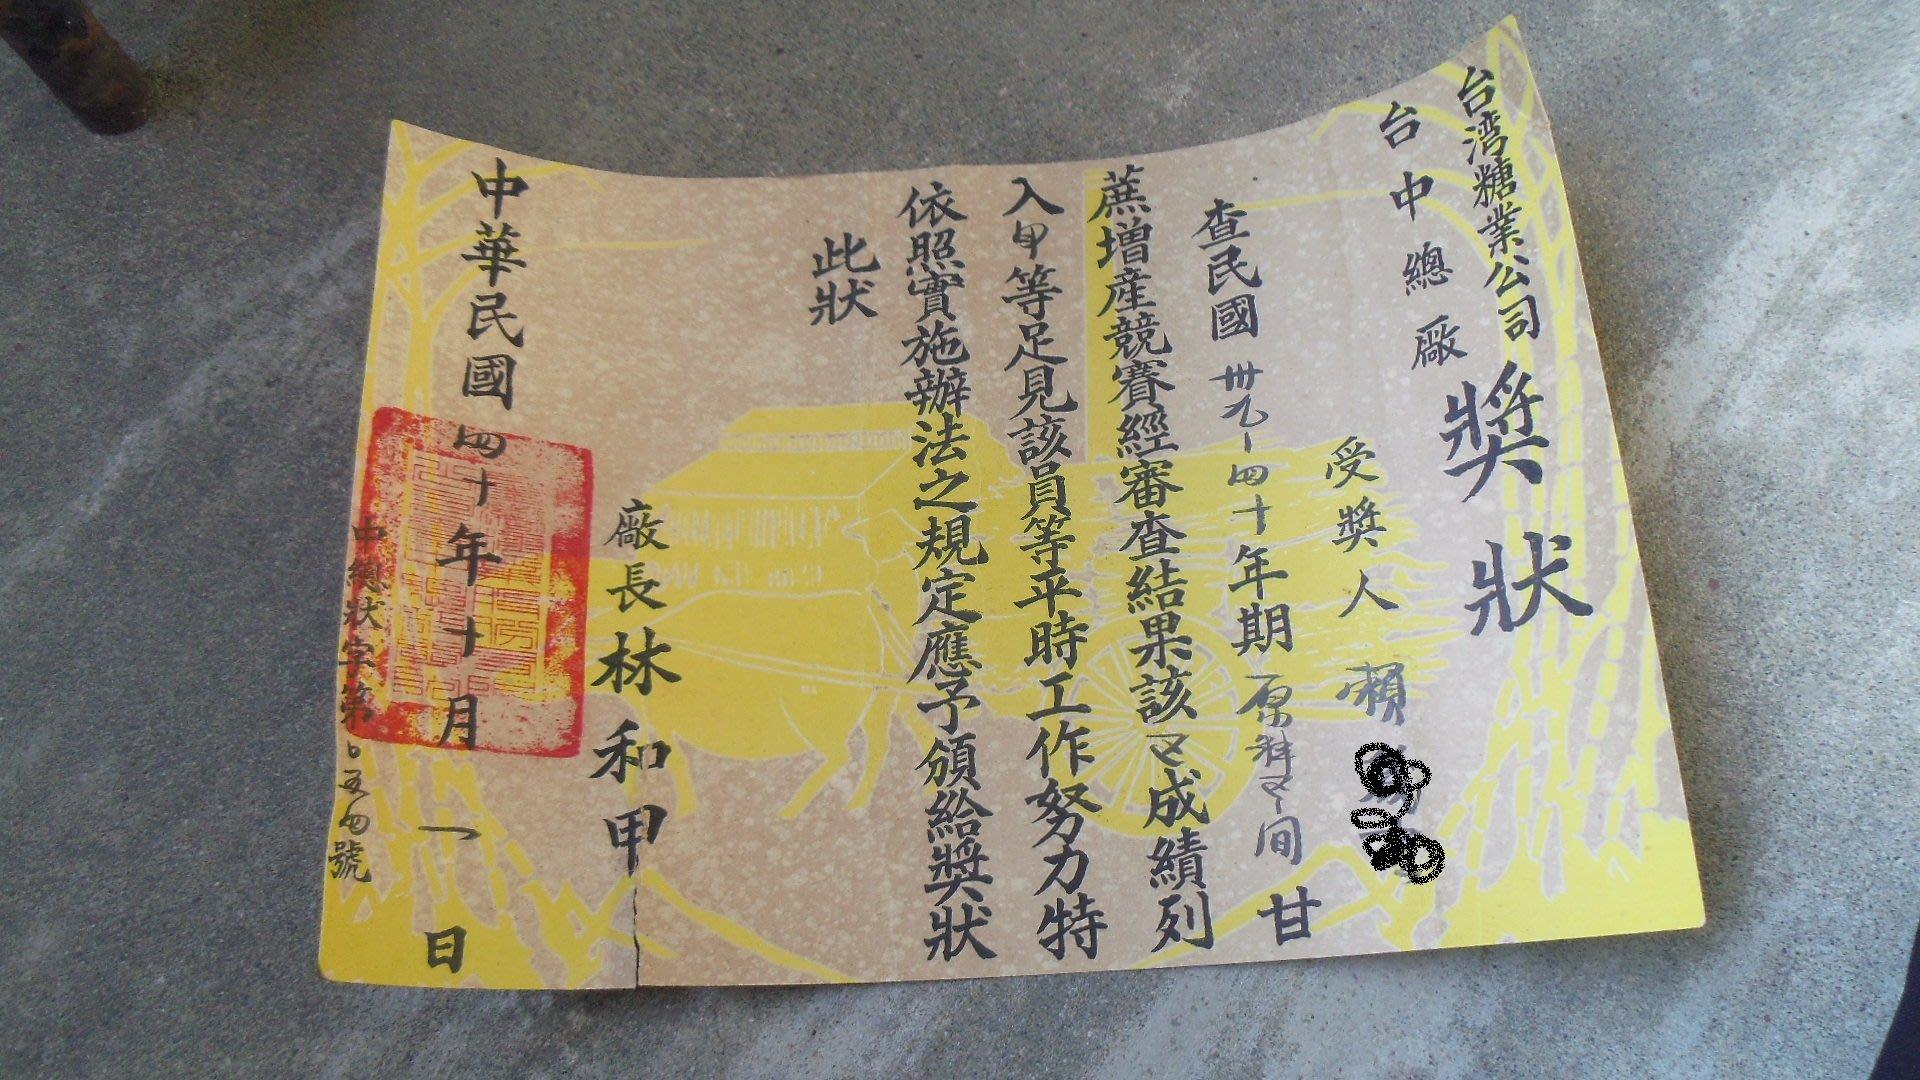 40年台灣糖業公司台中糖廠--獎狀